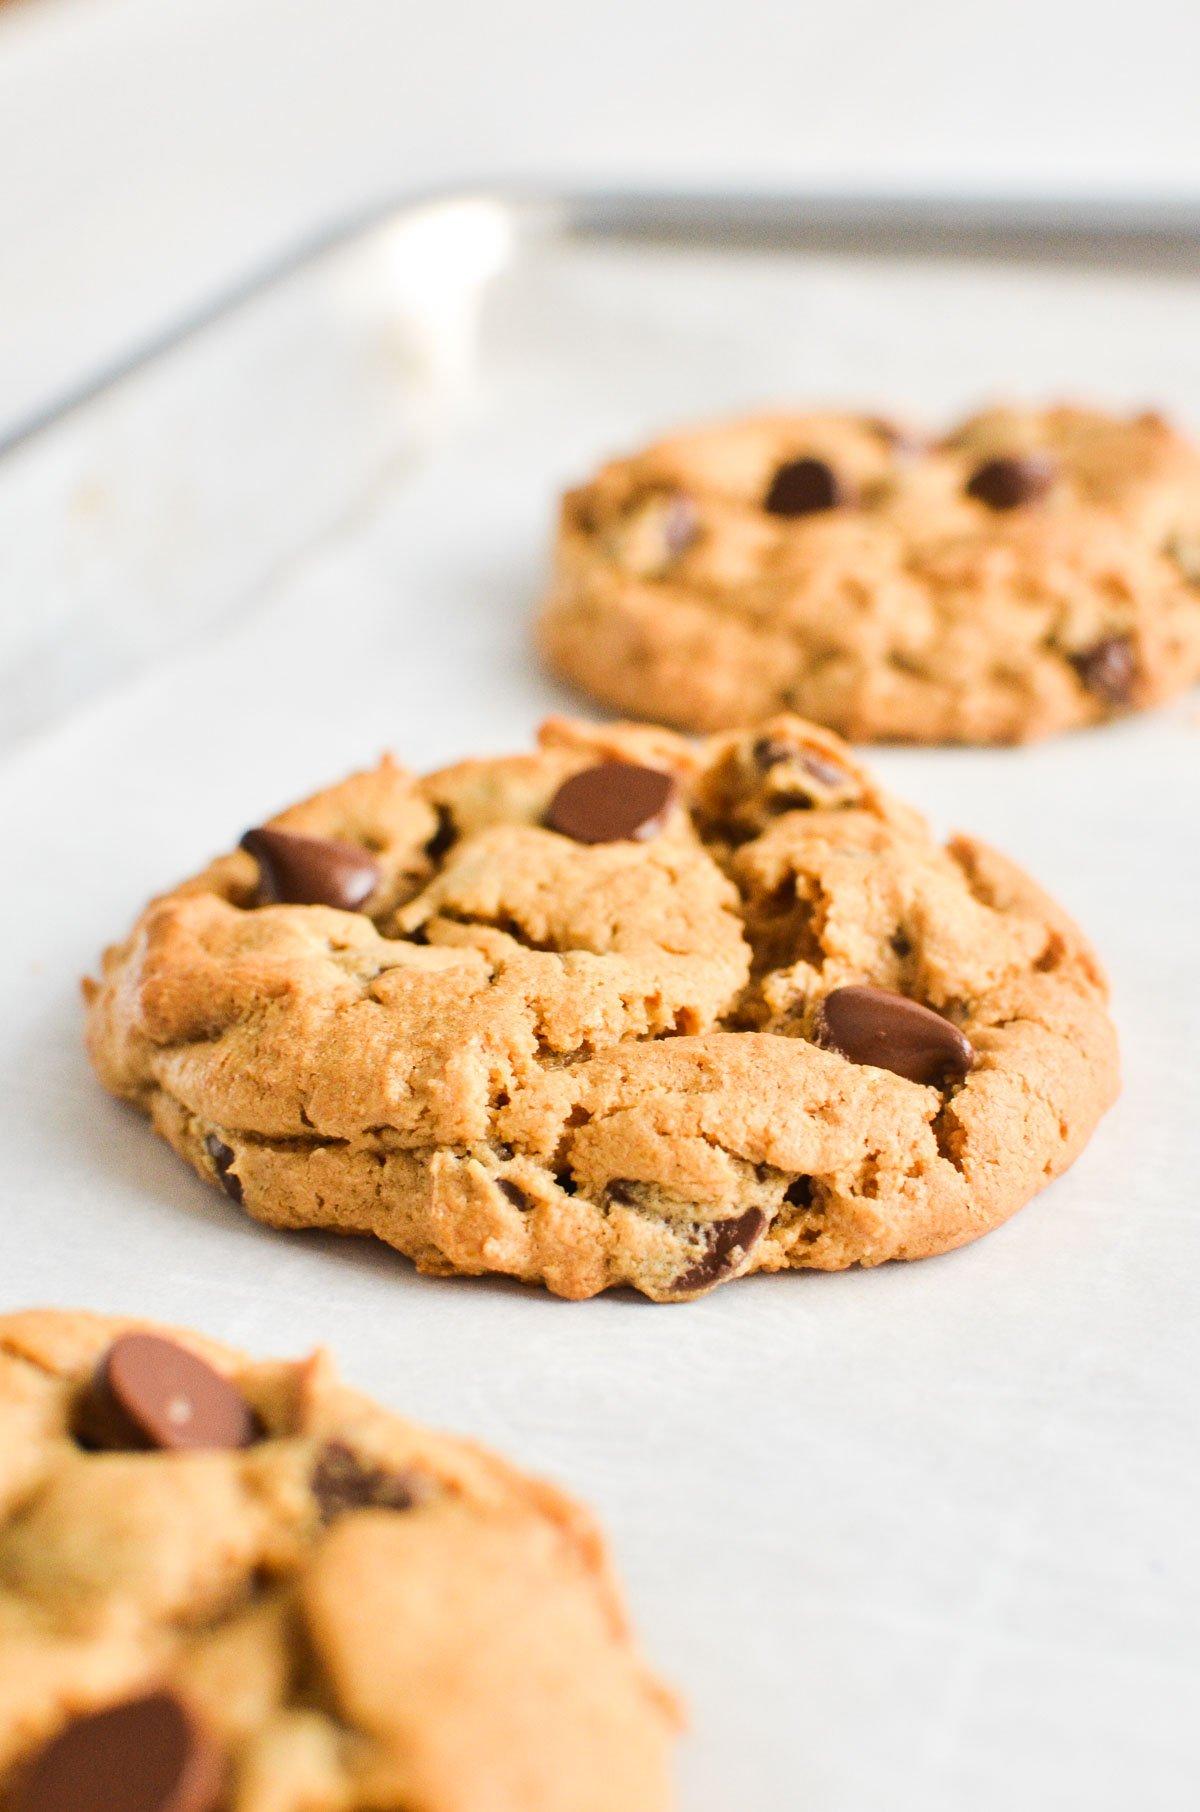 Flourless peanut butter chocolate chip cookies on a baking sheet.